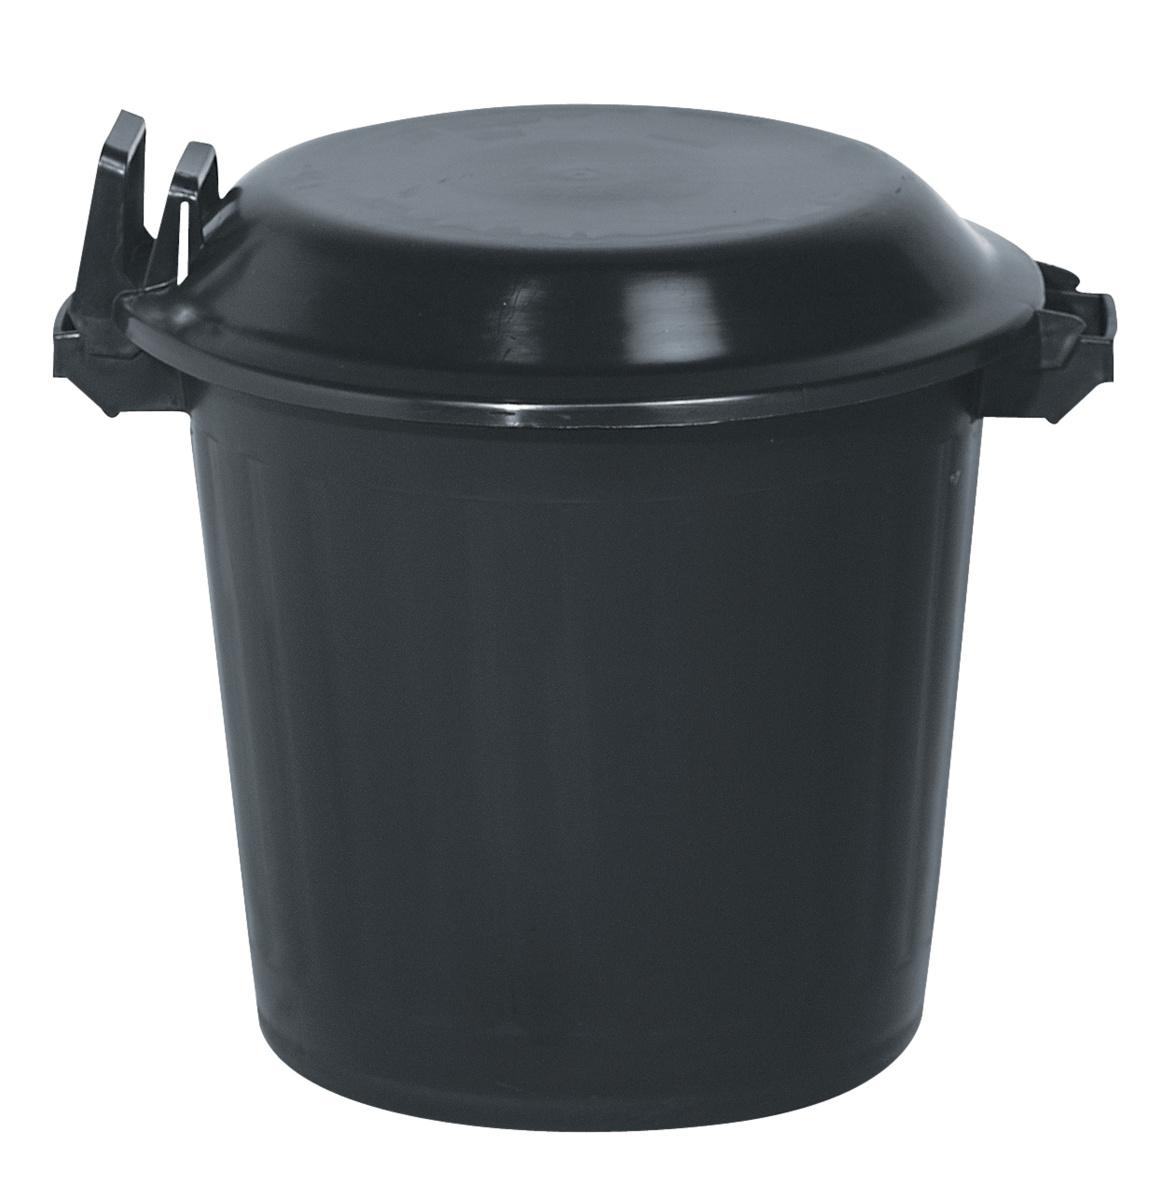 Poubelle noire plastique 80 l